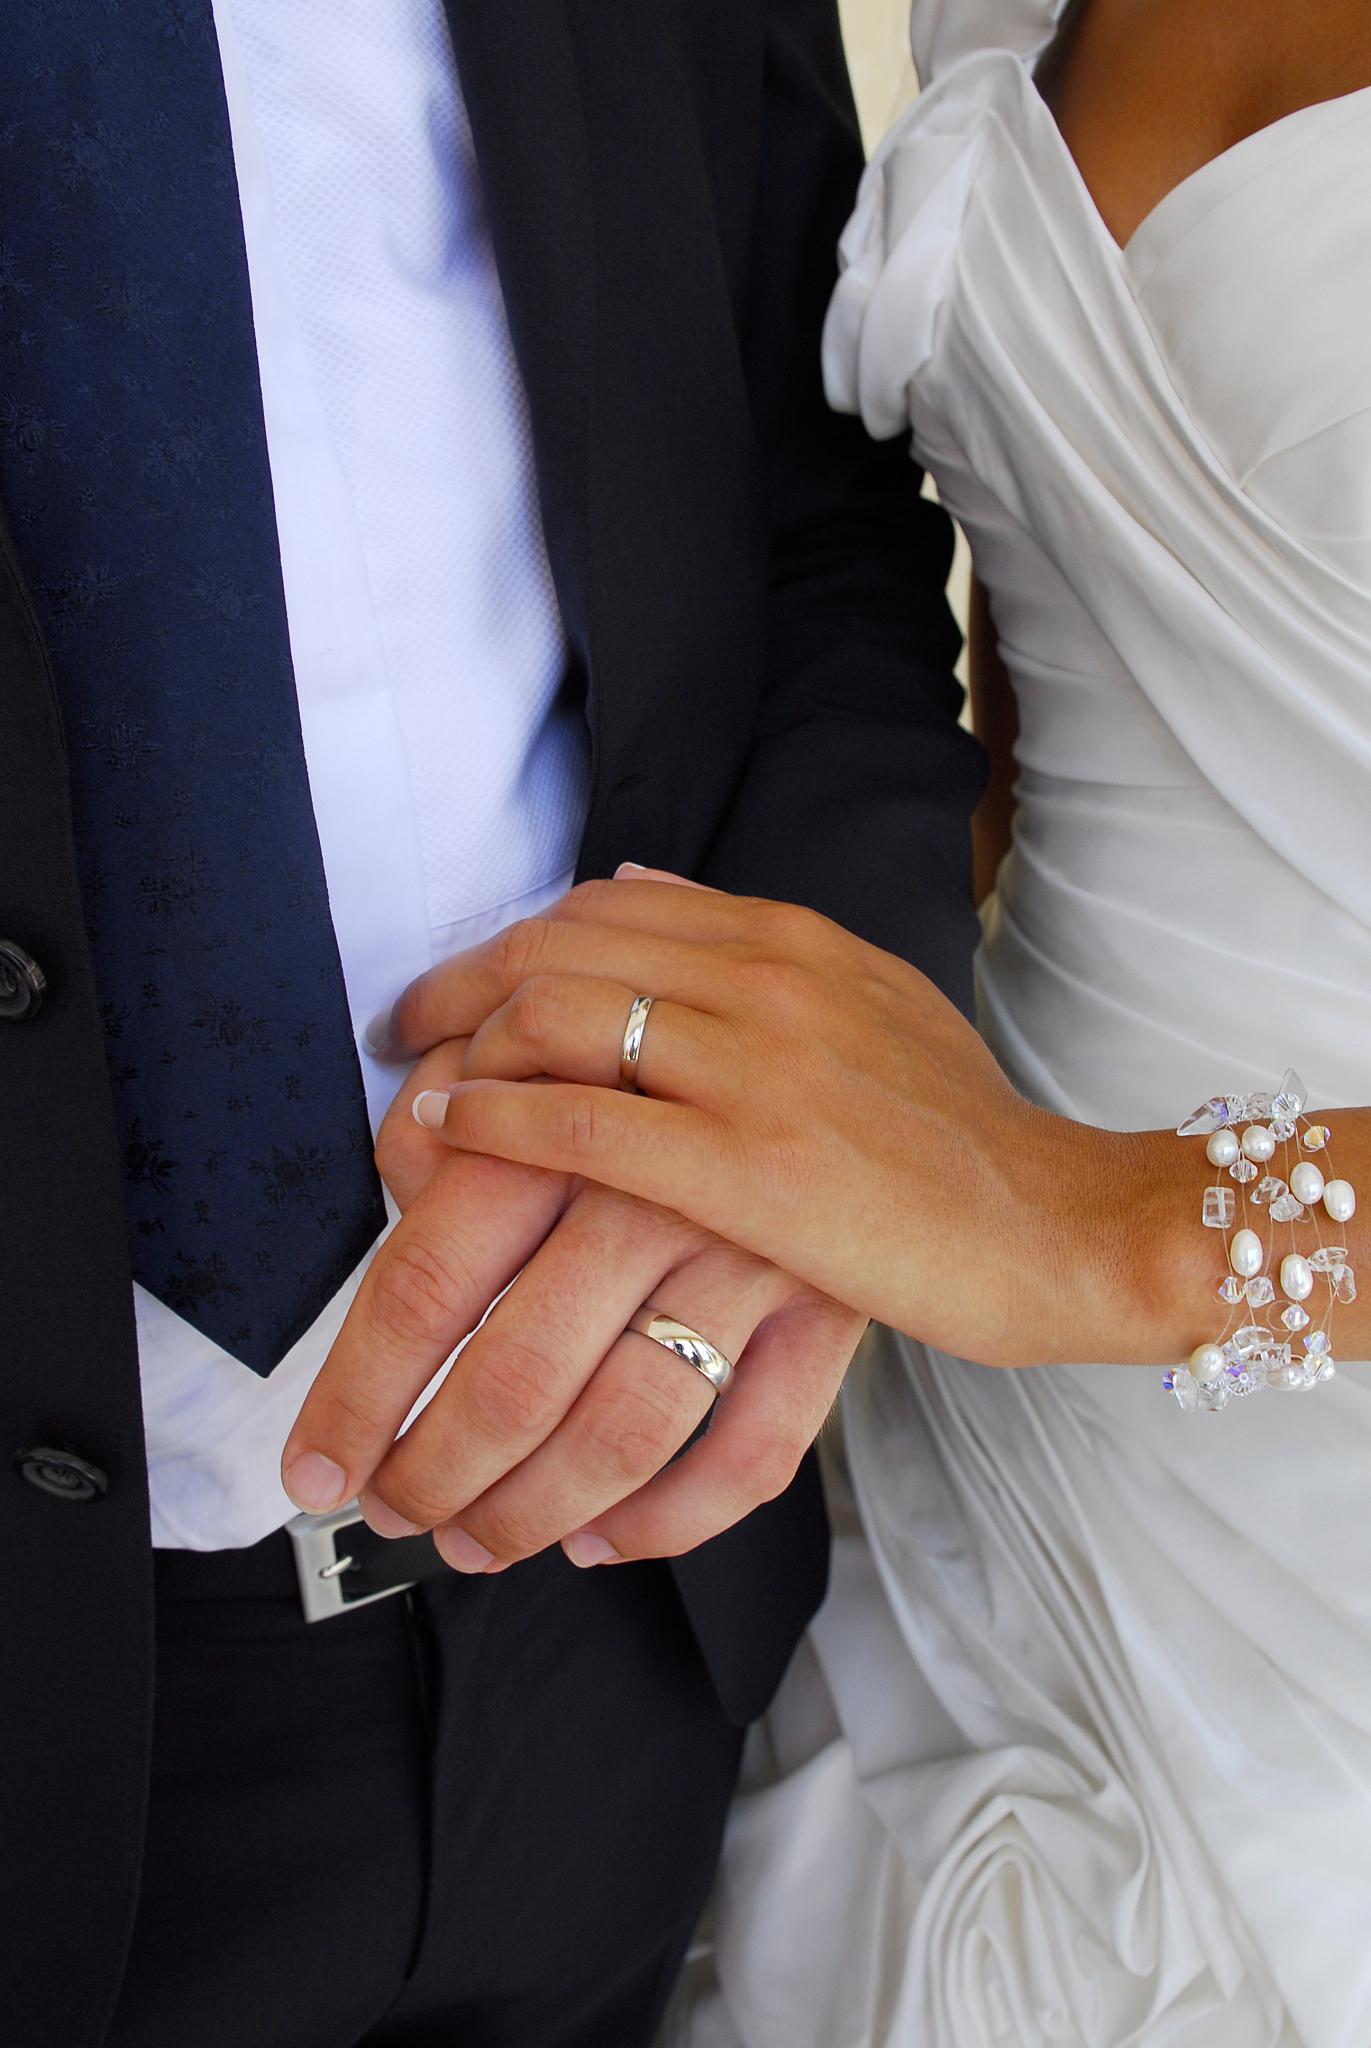 合婚八字论对照表 合婚的婚姻点数